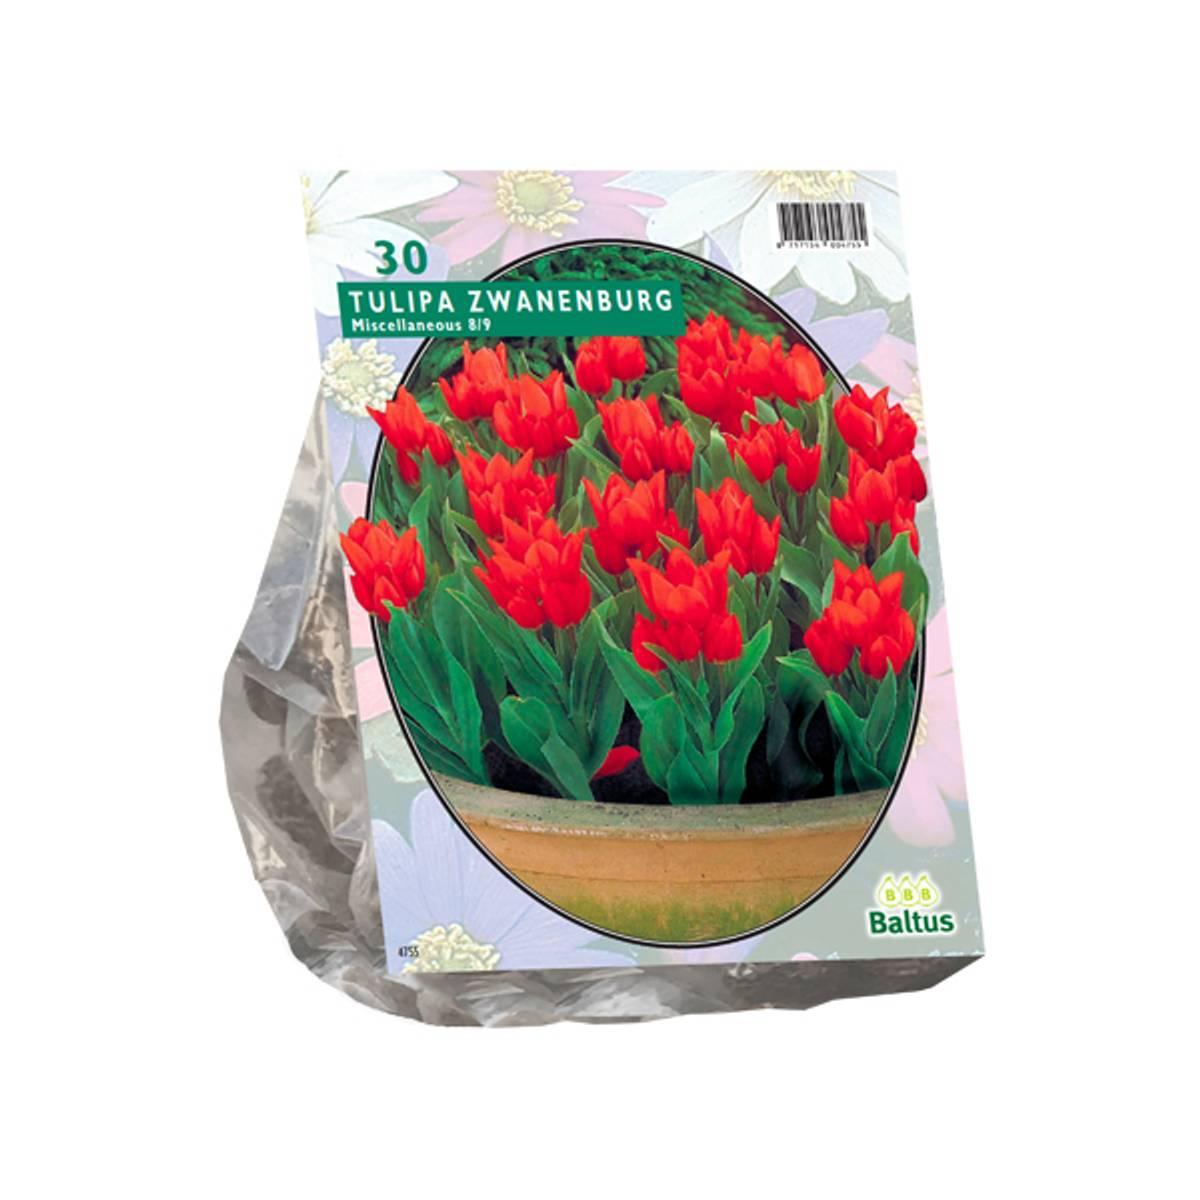 Tulipa Praestans Zwanenburg. Løk størrelse: 8/9. Antall løk 30.